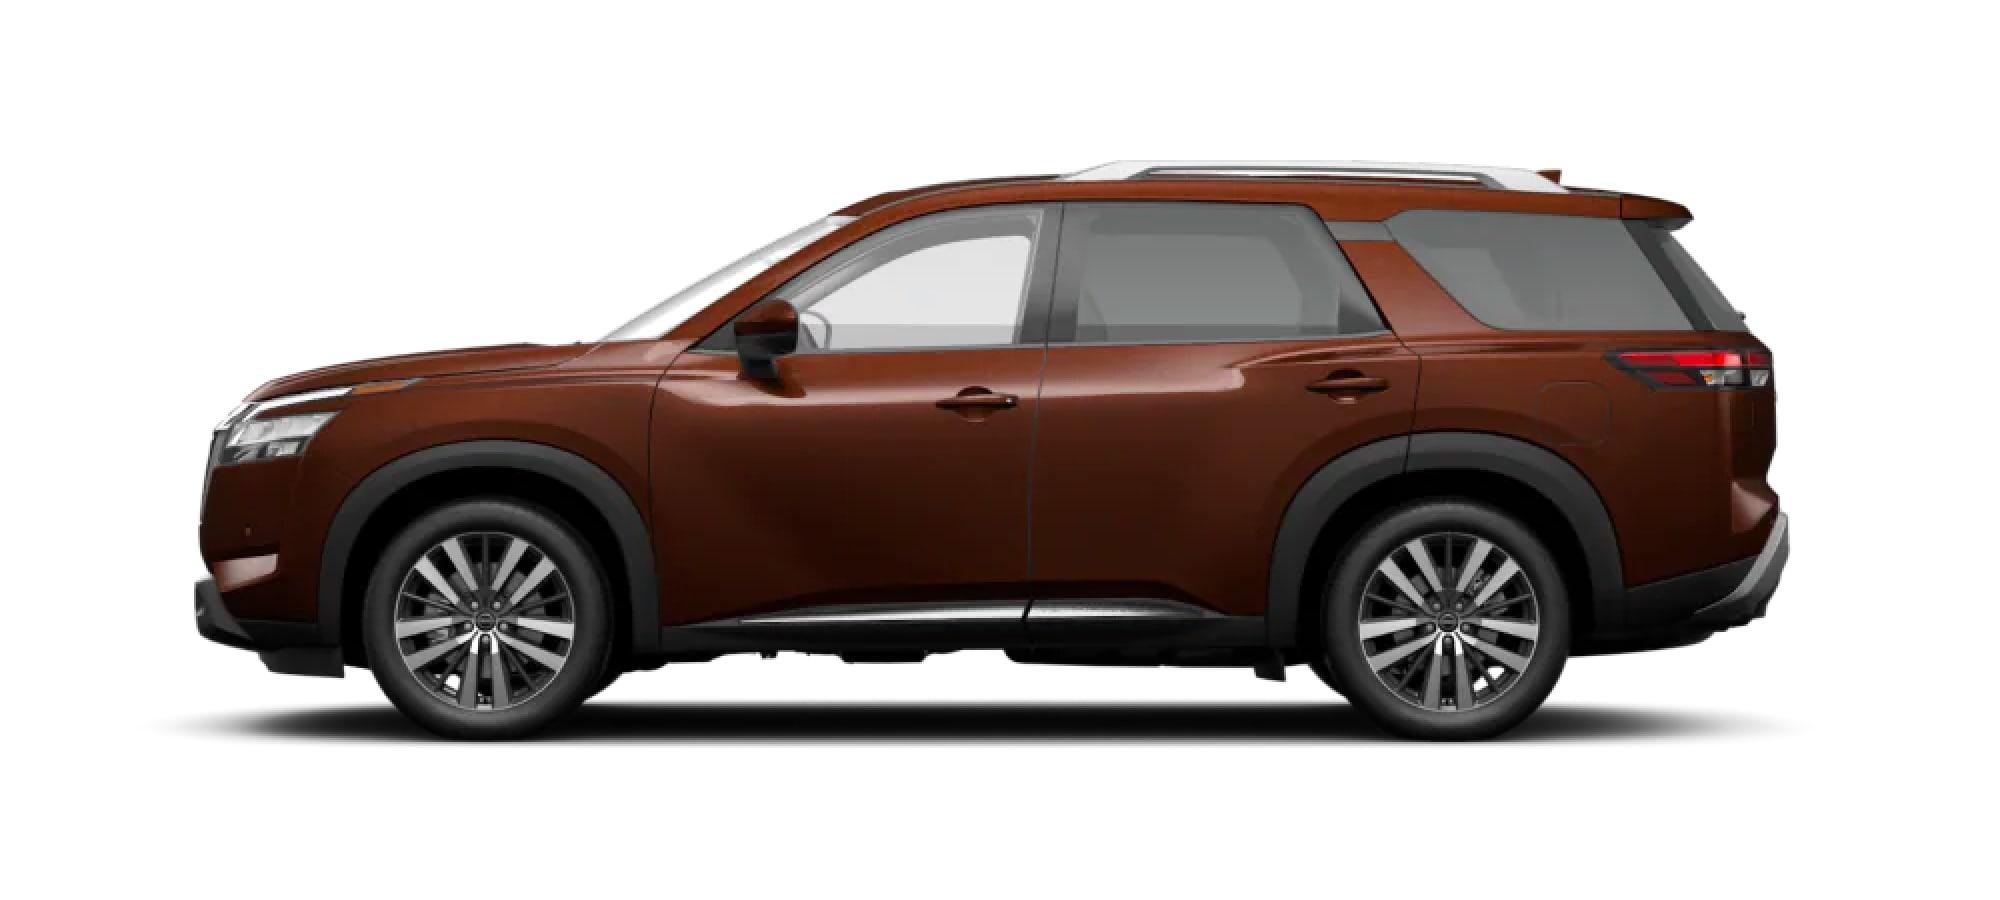 2022 Nissan Pathfinder in Mocha Almond Pearl